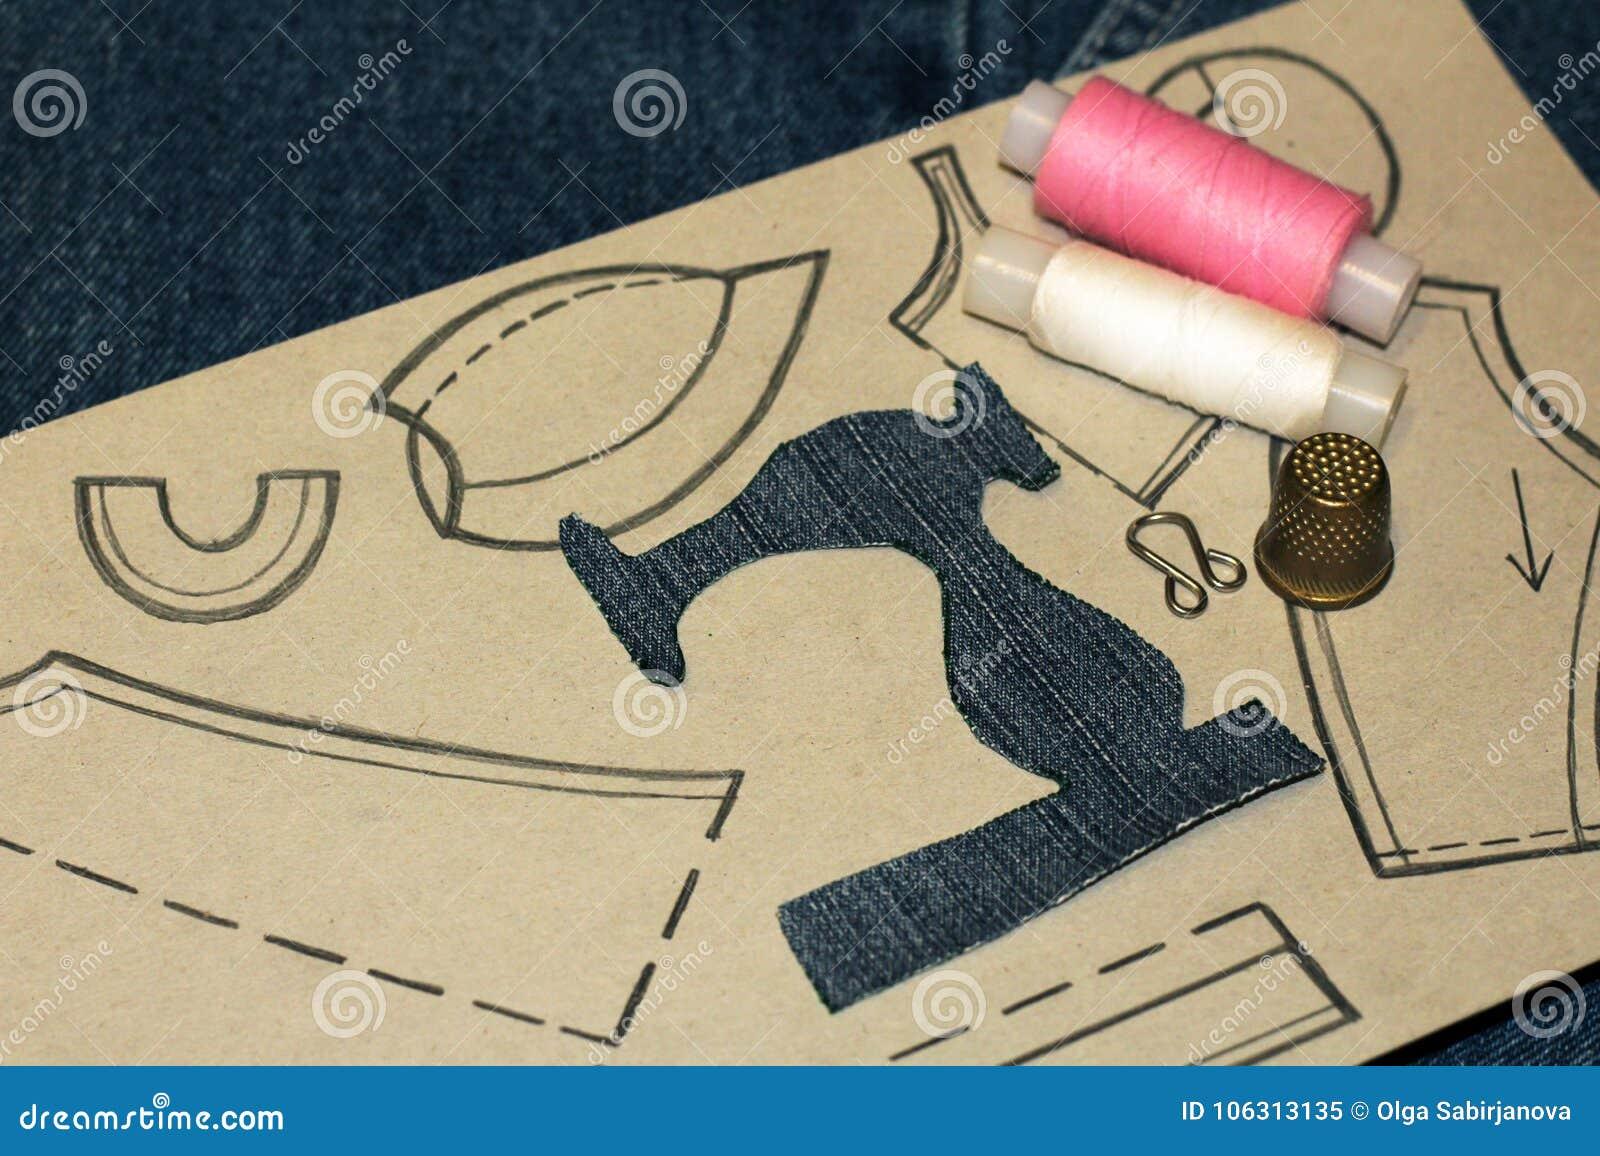 un pochoir d 39 une machine coudre des jeans habillement de dessin sur le papier image stock. Black Bedroom Furniture Sets. Home Design Ideas